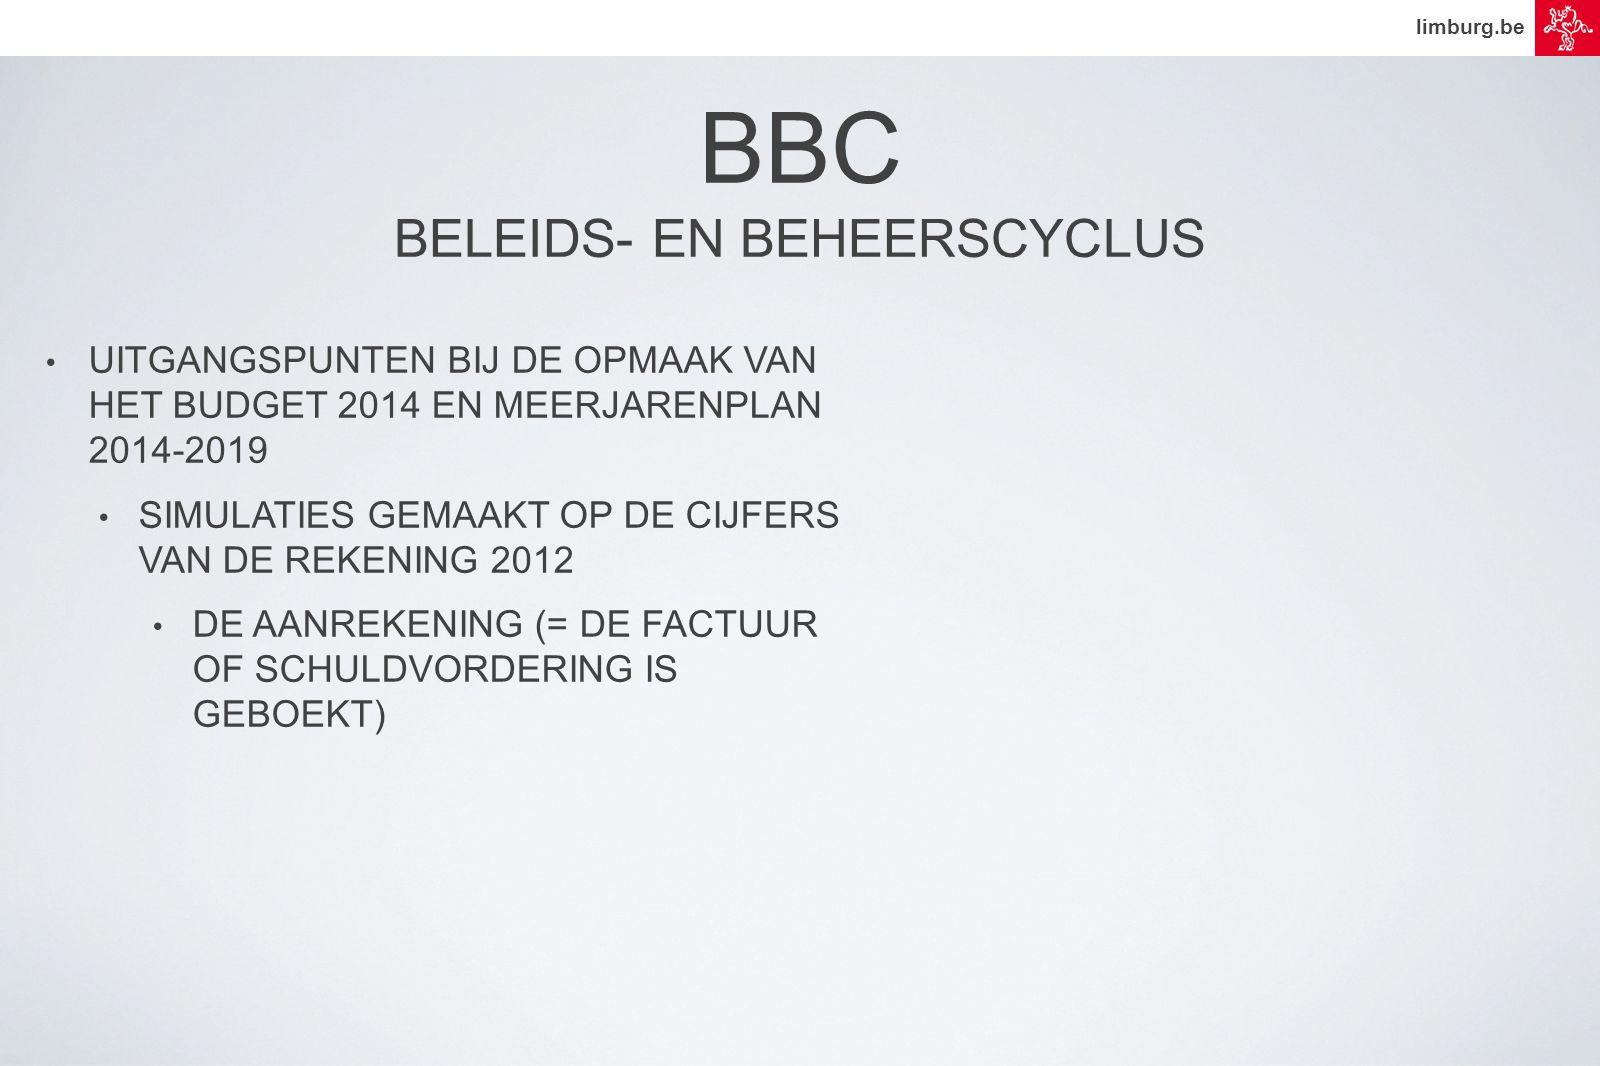 limburg.be • UITGANGSPUNTEN BIJ DE OPMAAK VAN HET BUDGET 2014 EN MEERJARENPLAN 2014-2019 • SIMULATIES GEMAAKT OP DE CIJFERS VAN DE REKENING 2012 • DE AANREKENING (= DE FACTUUR OF SCHULDVORDERING IS GEBOEKT) BBC BELEIDS- EN BEHEERSCYCLUS